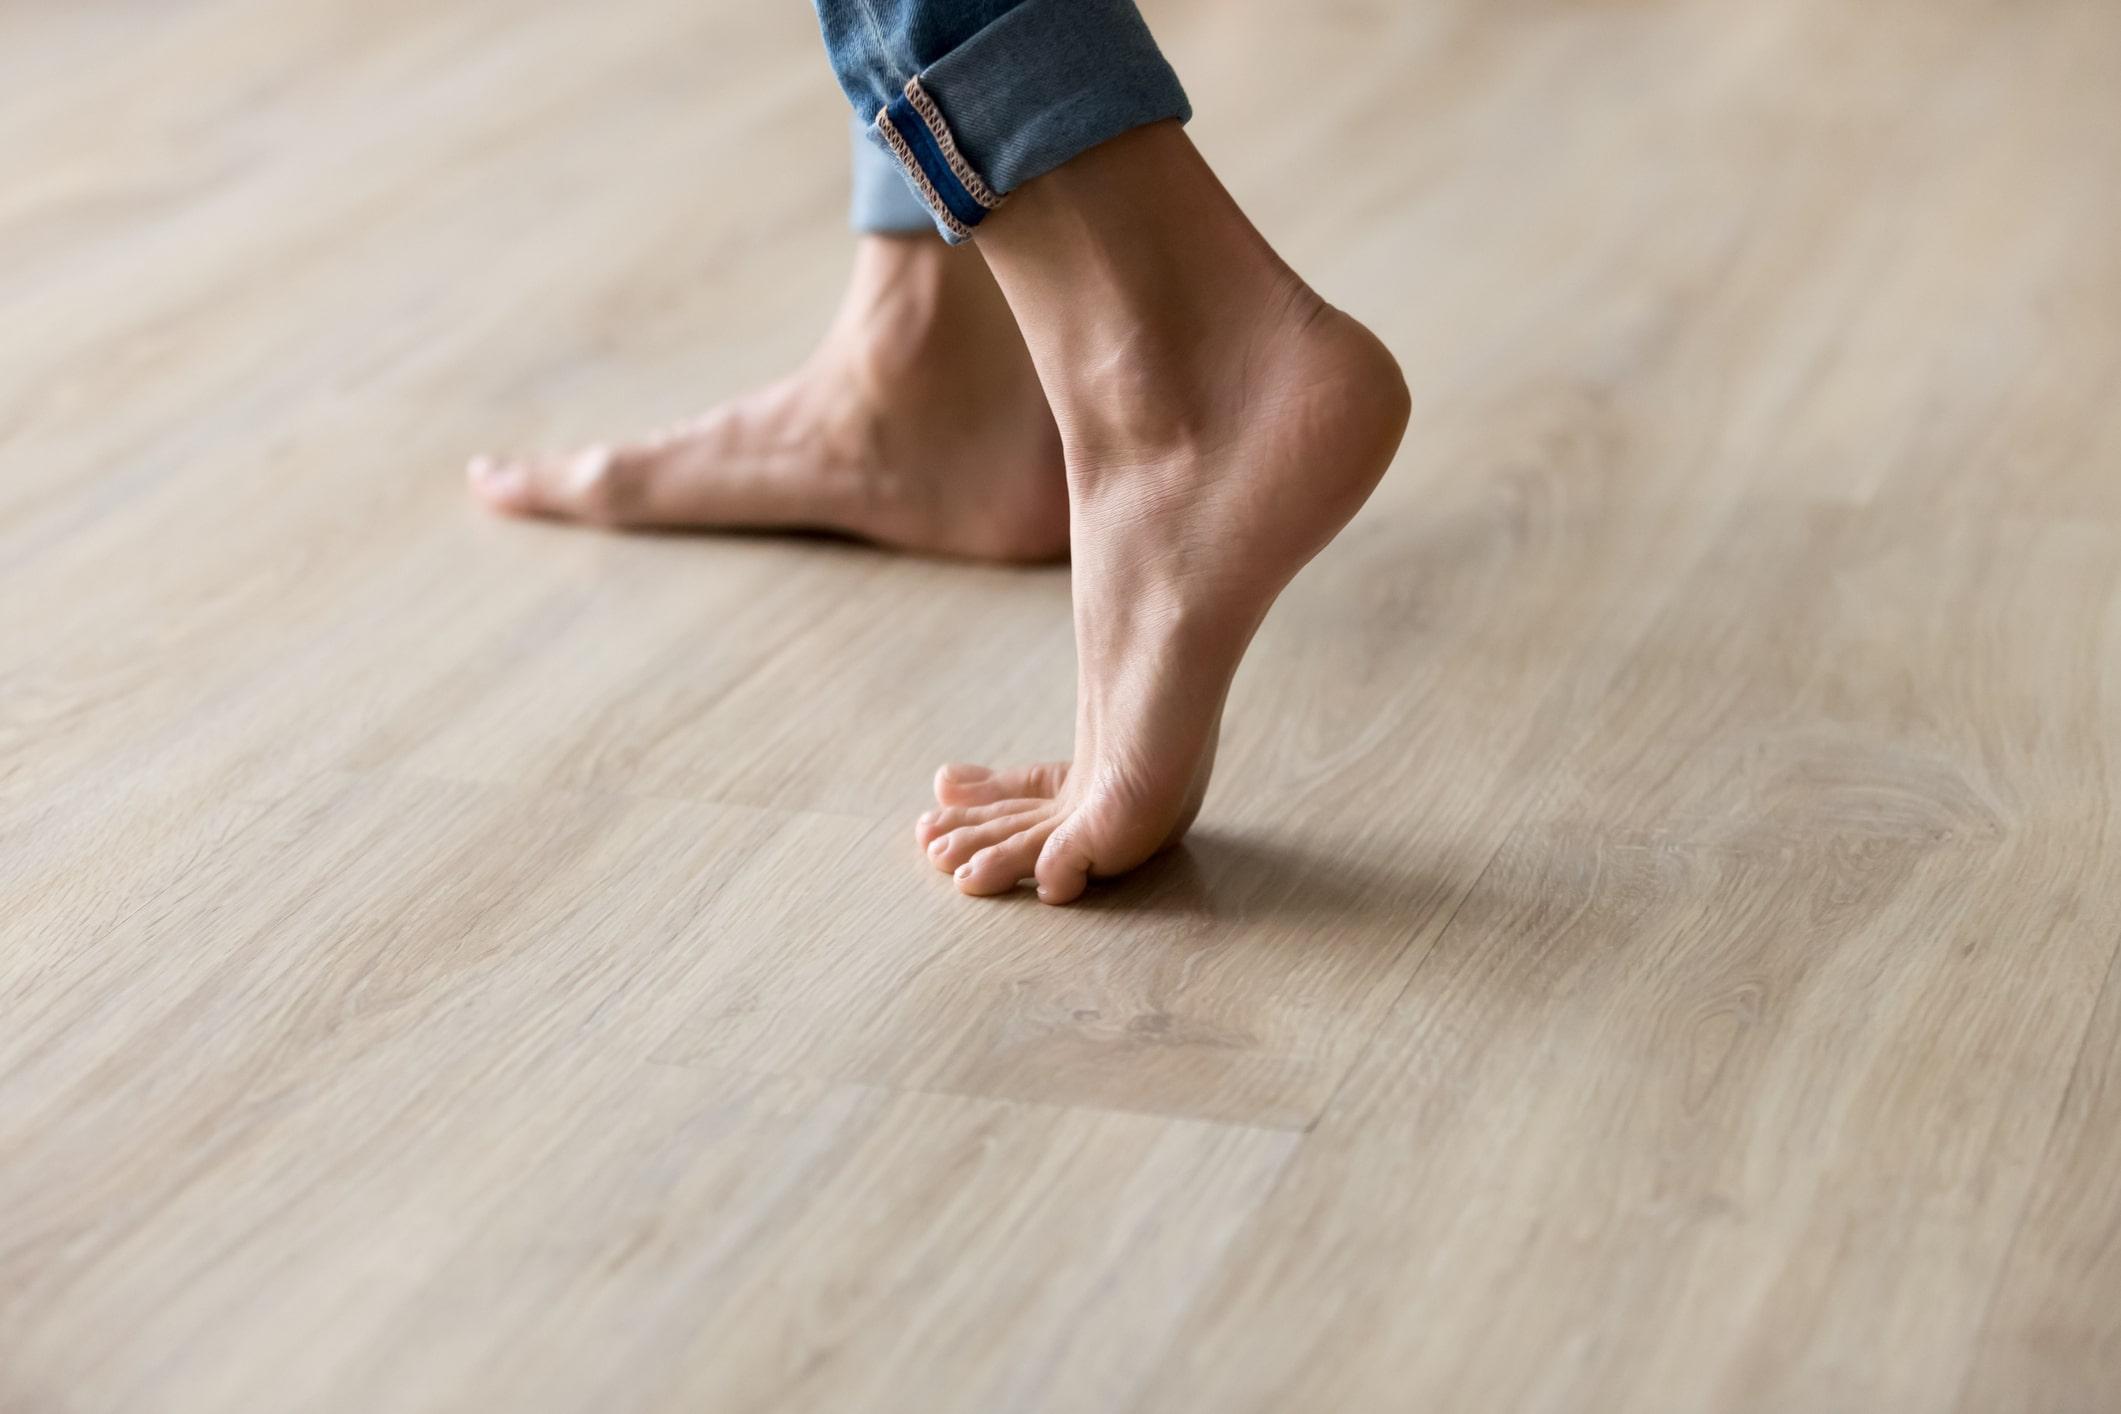 Feet Walking on Wood Floors